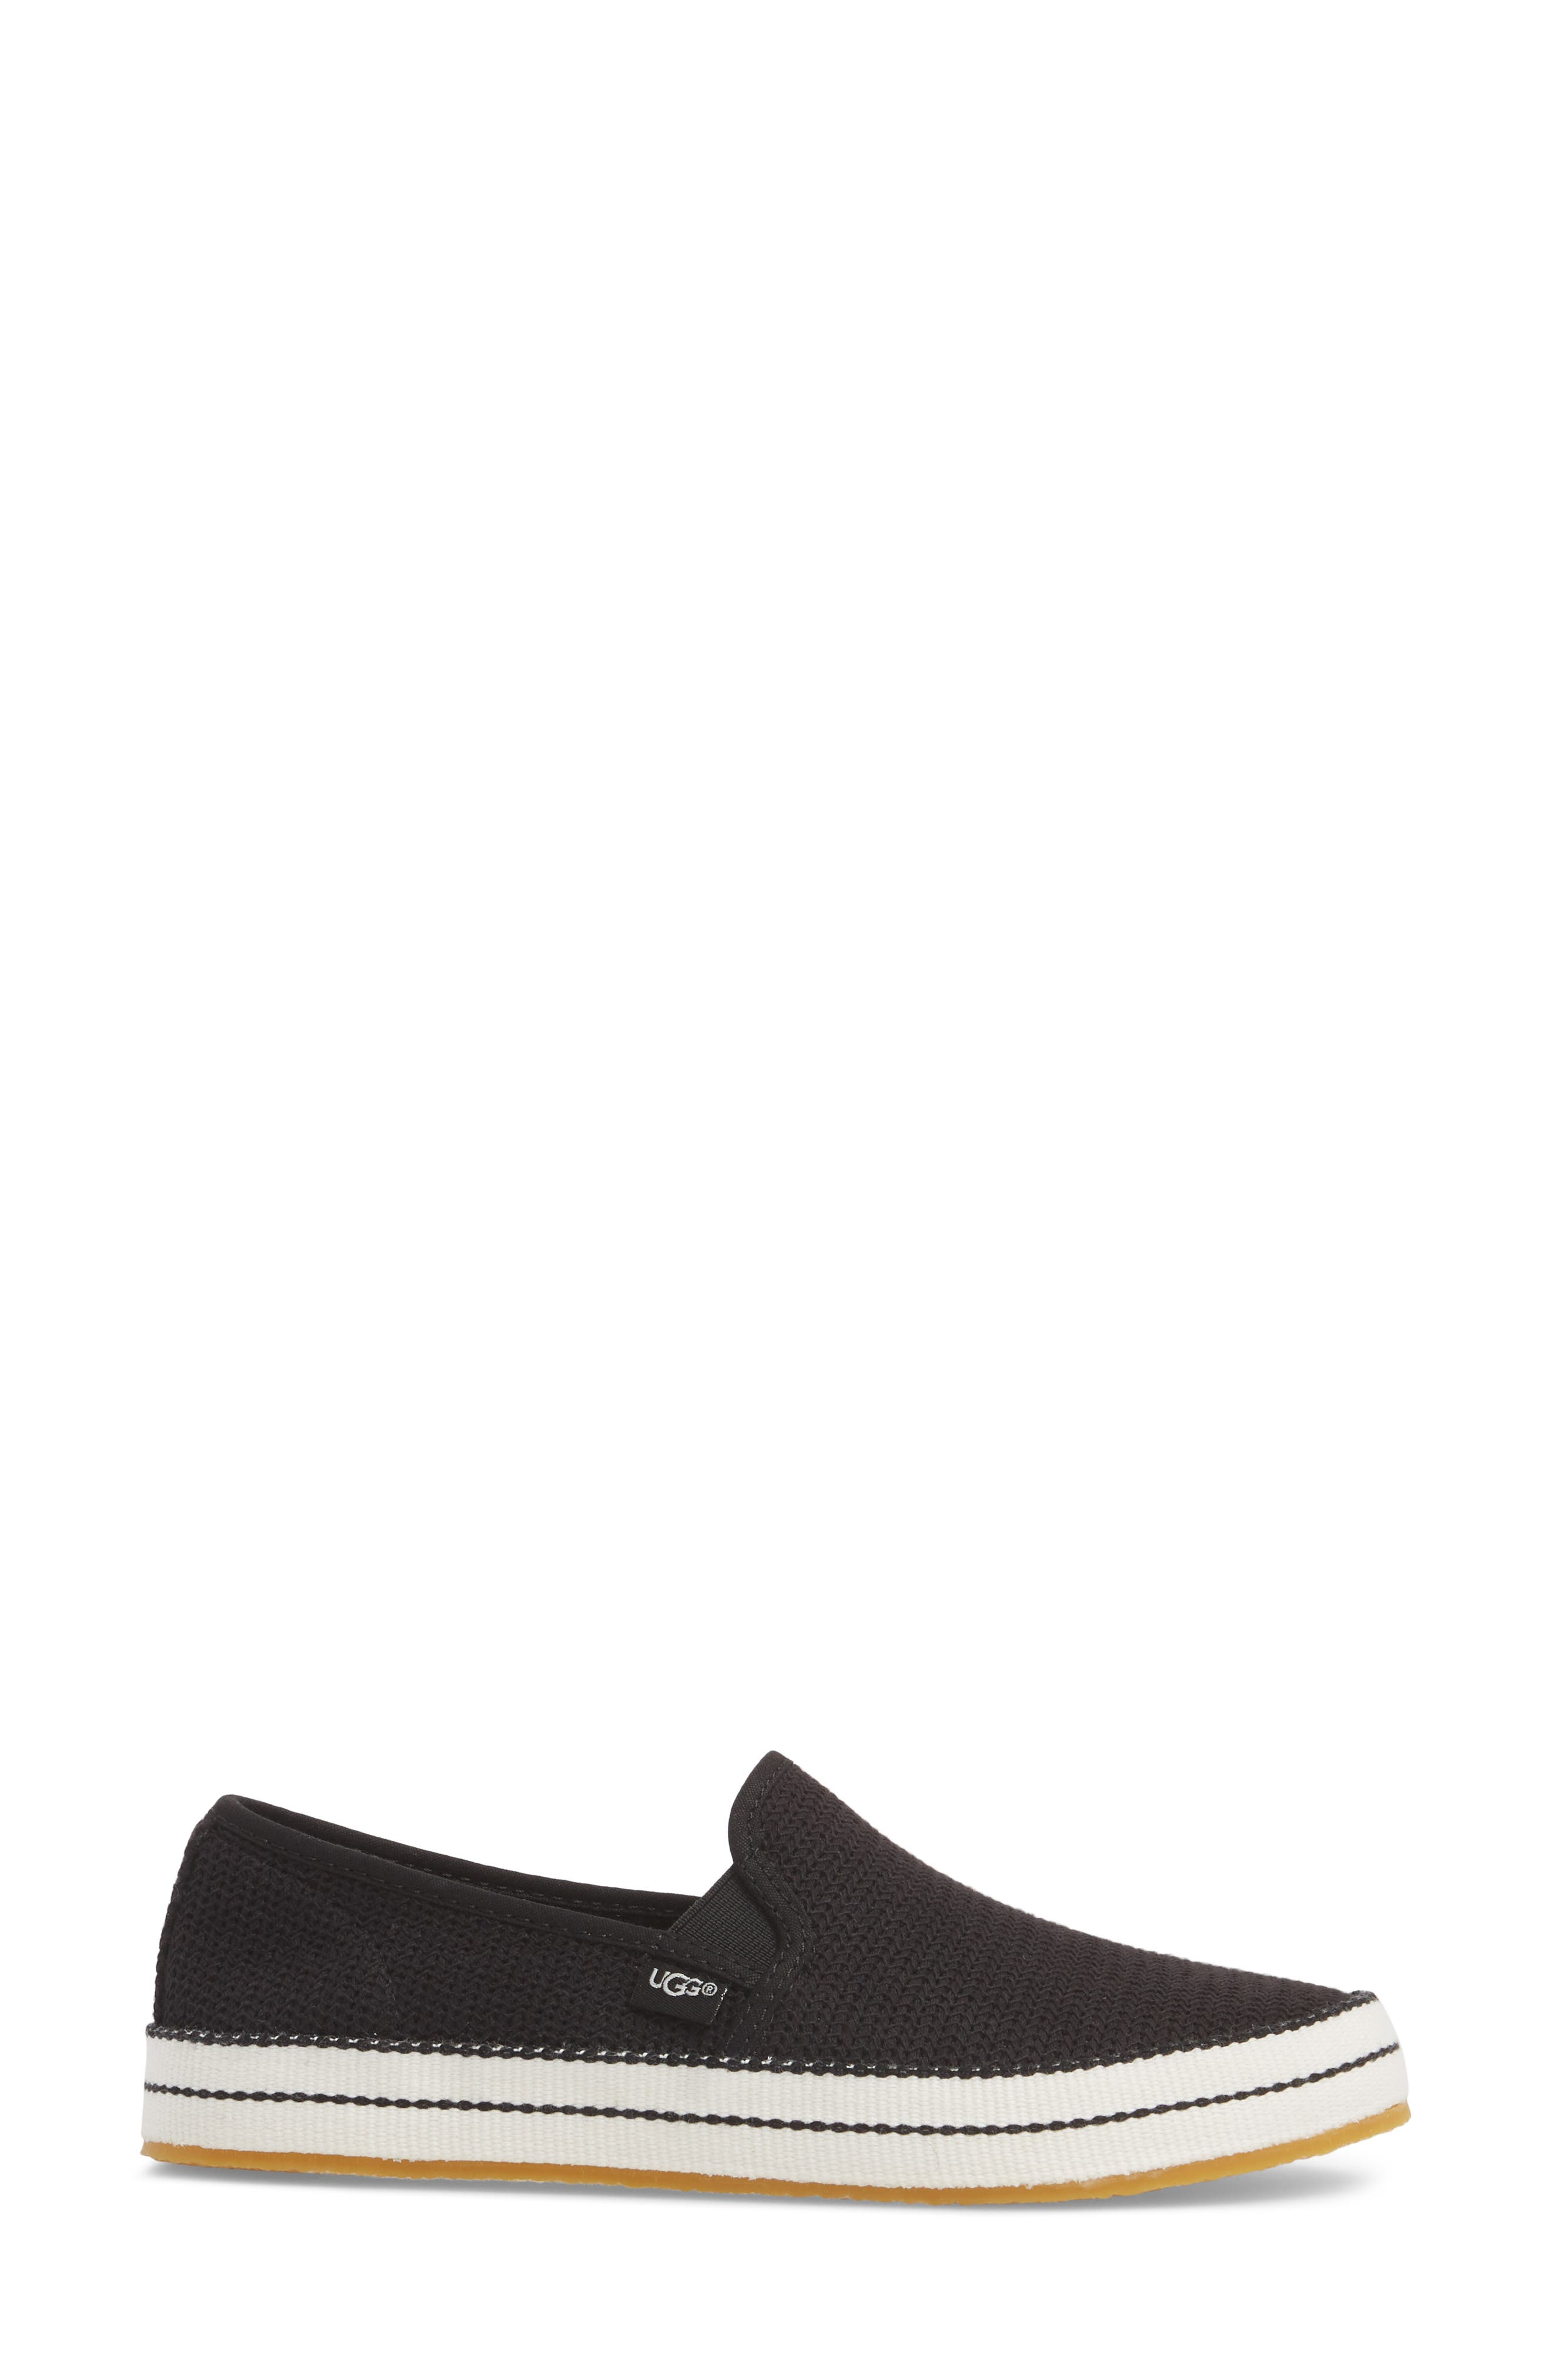 Bren Slip-On Sneaker,                             Alternate thumbnail 3, color,                             BLACK